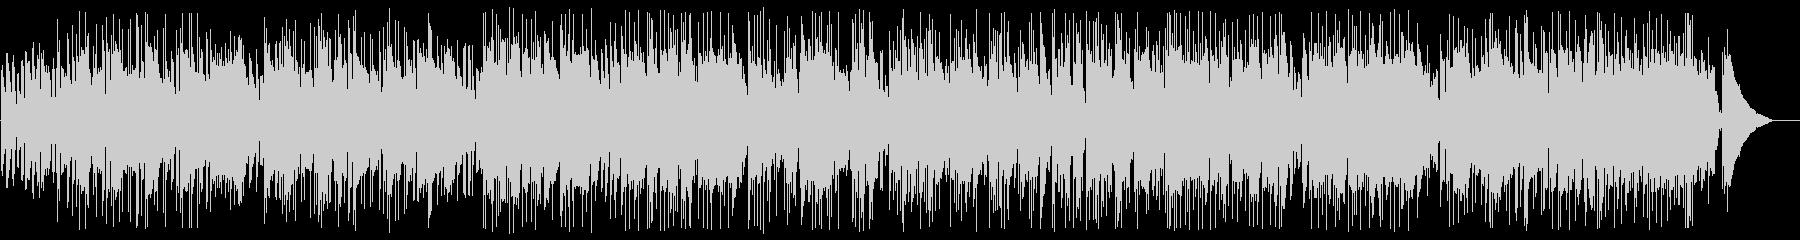 アコースティックのギターデュオの未再生の波形